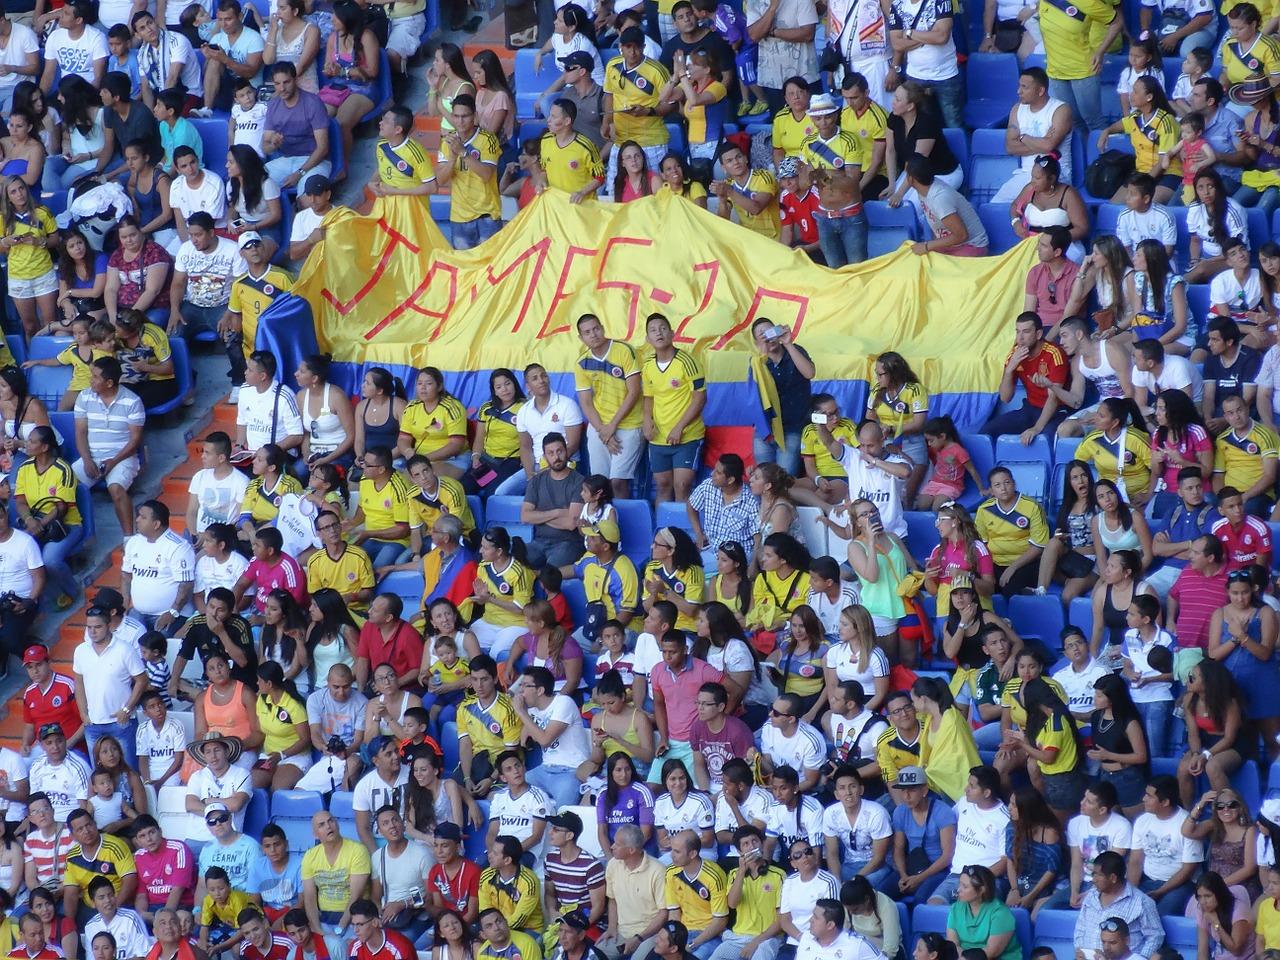 2018ワールドカップ日本対コロンビア対戦後